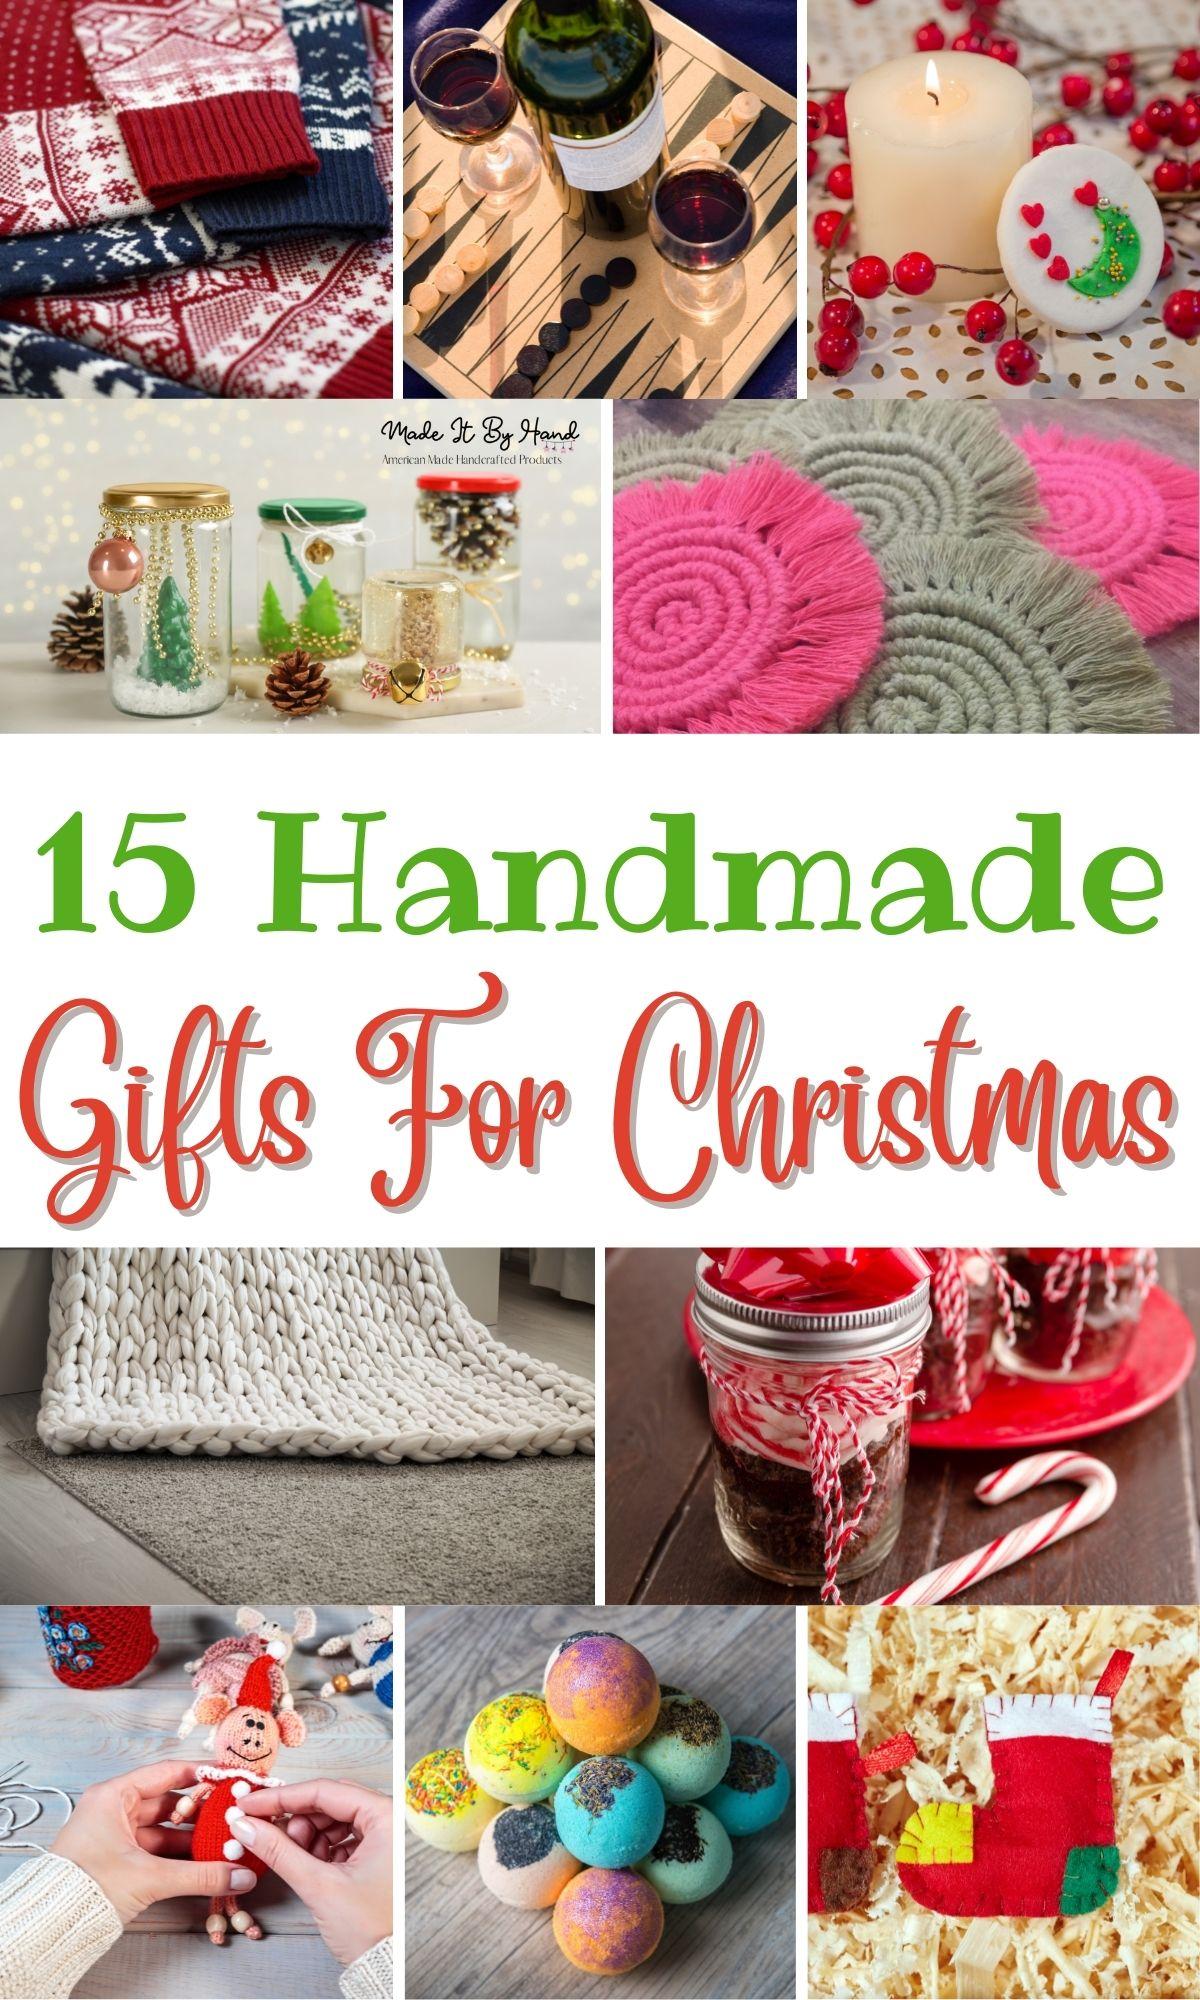 handmade gifts for christmas